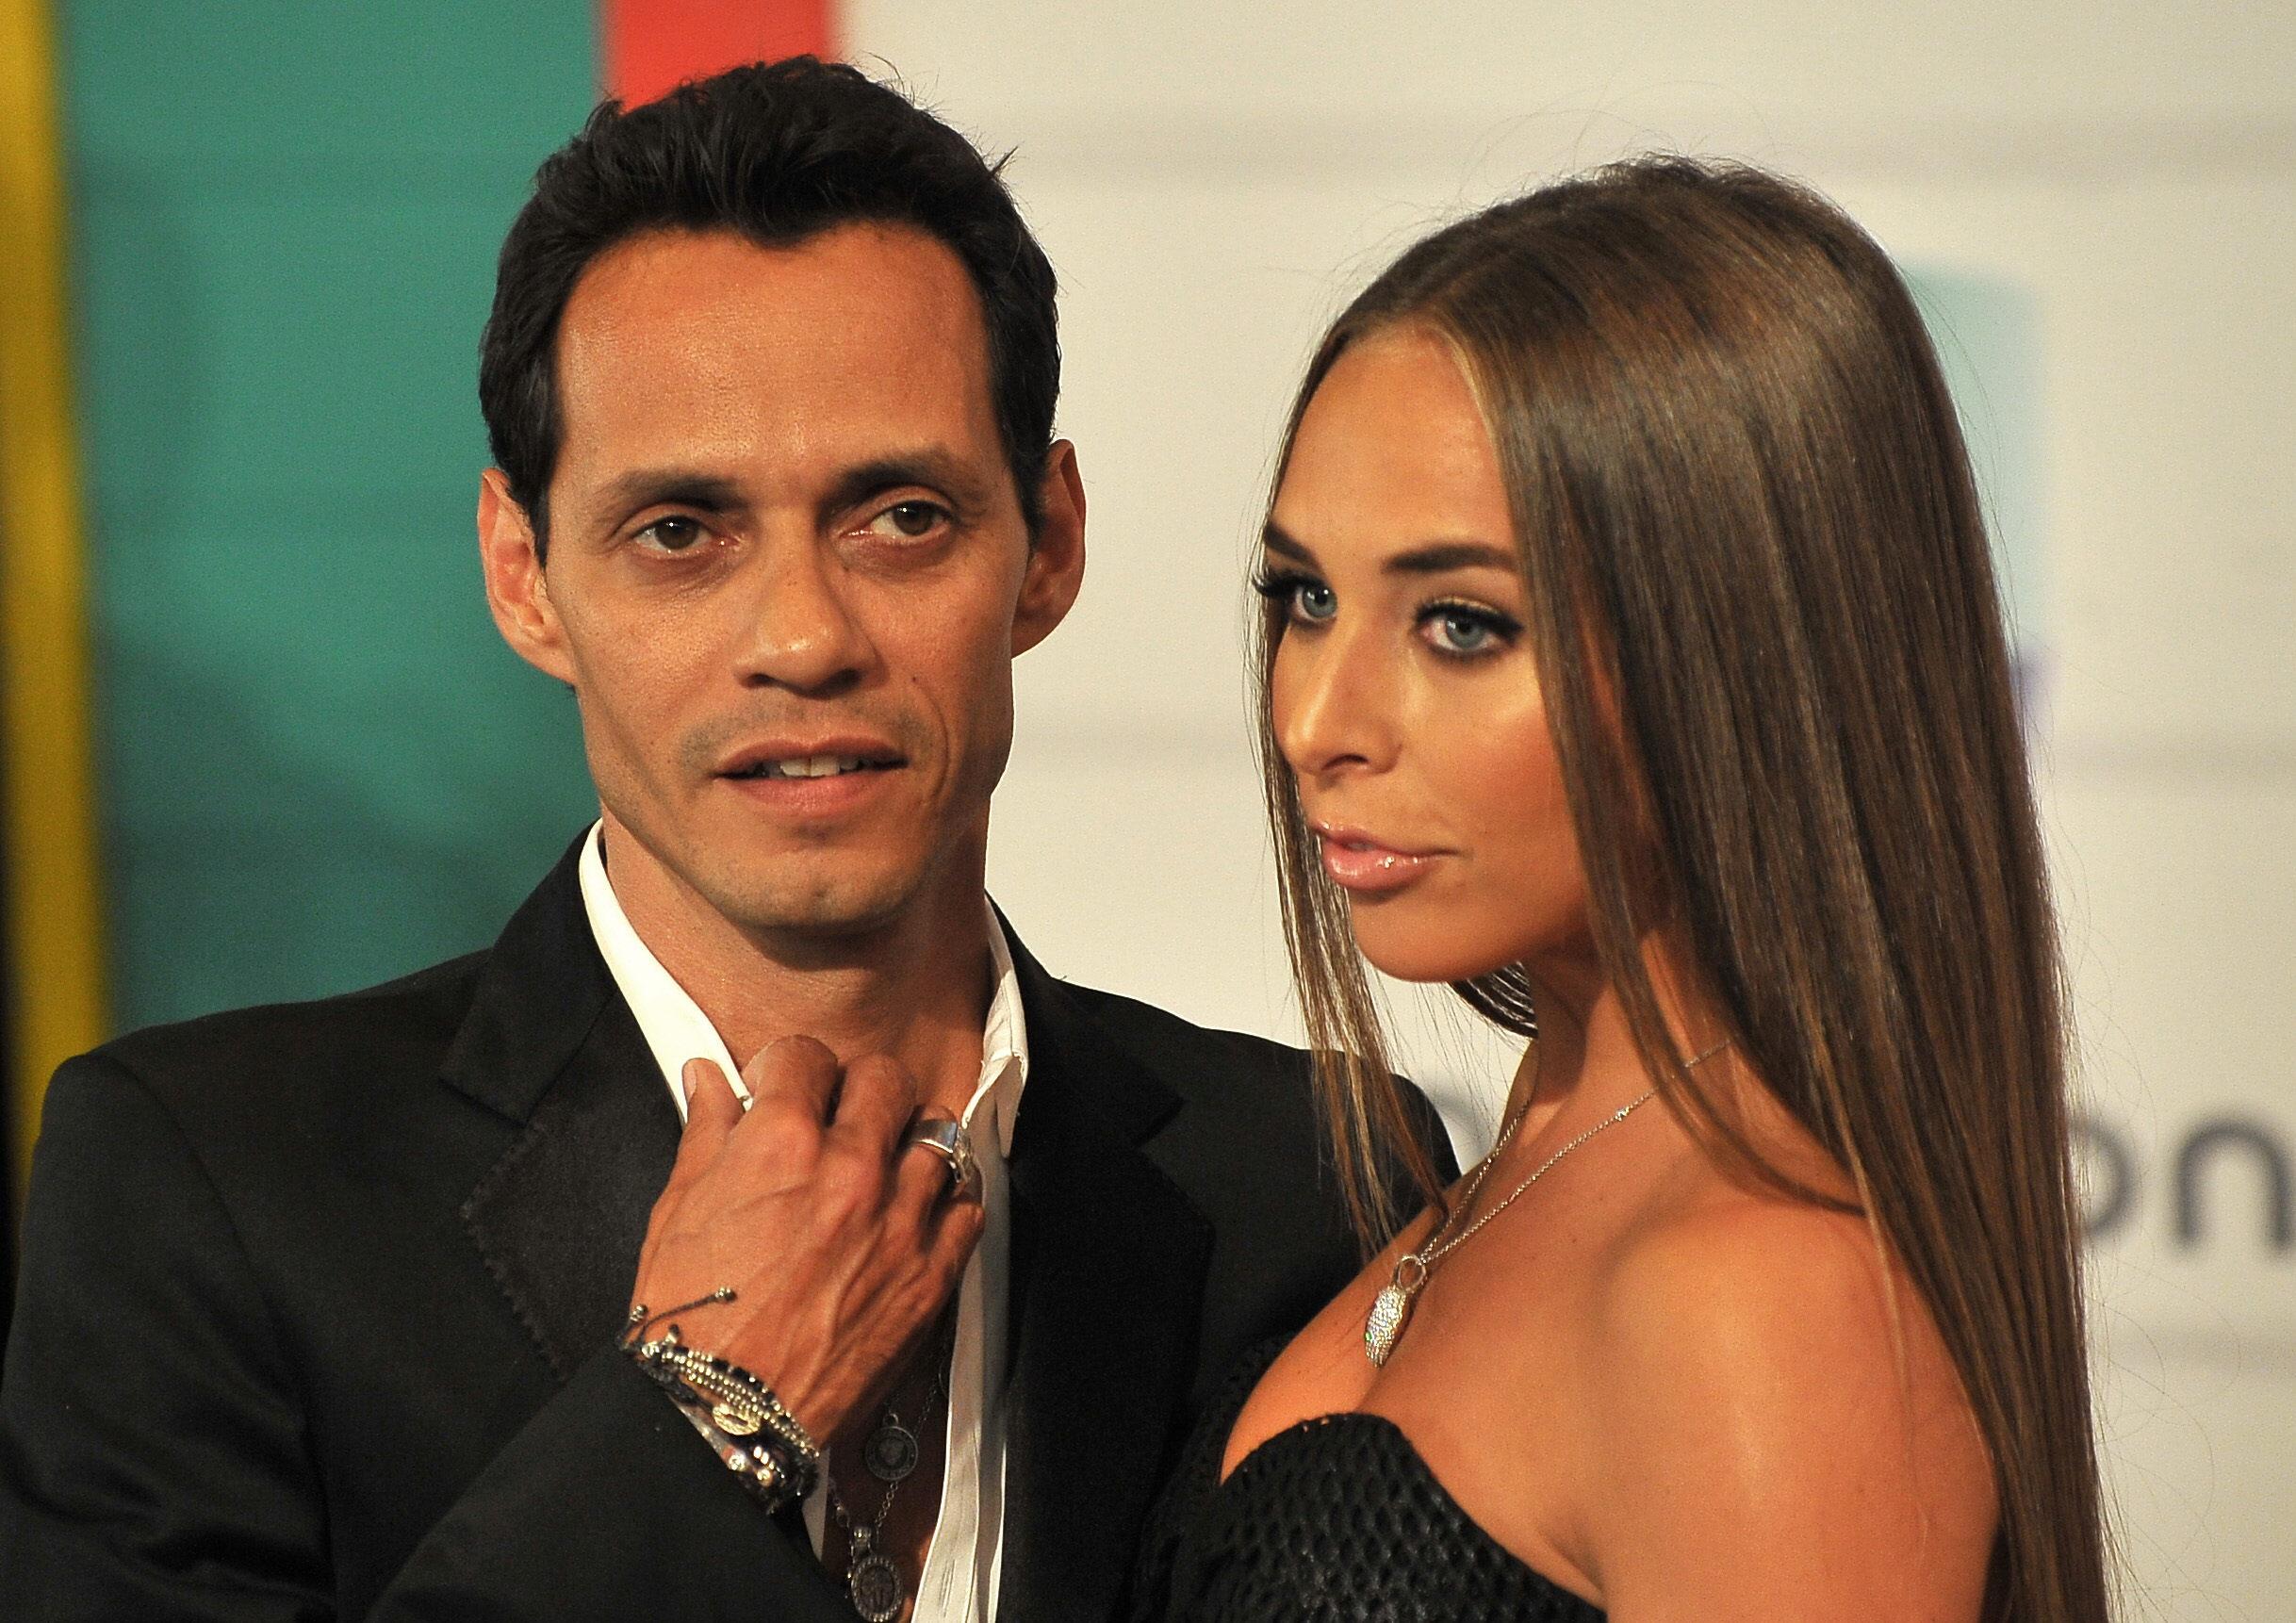 Derroche de brillo y glamur en la alfombra roja de los Premios Juventud